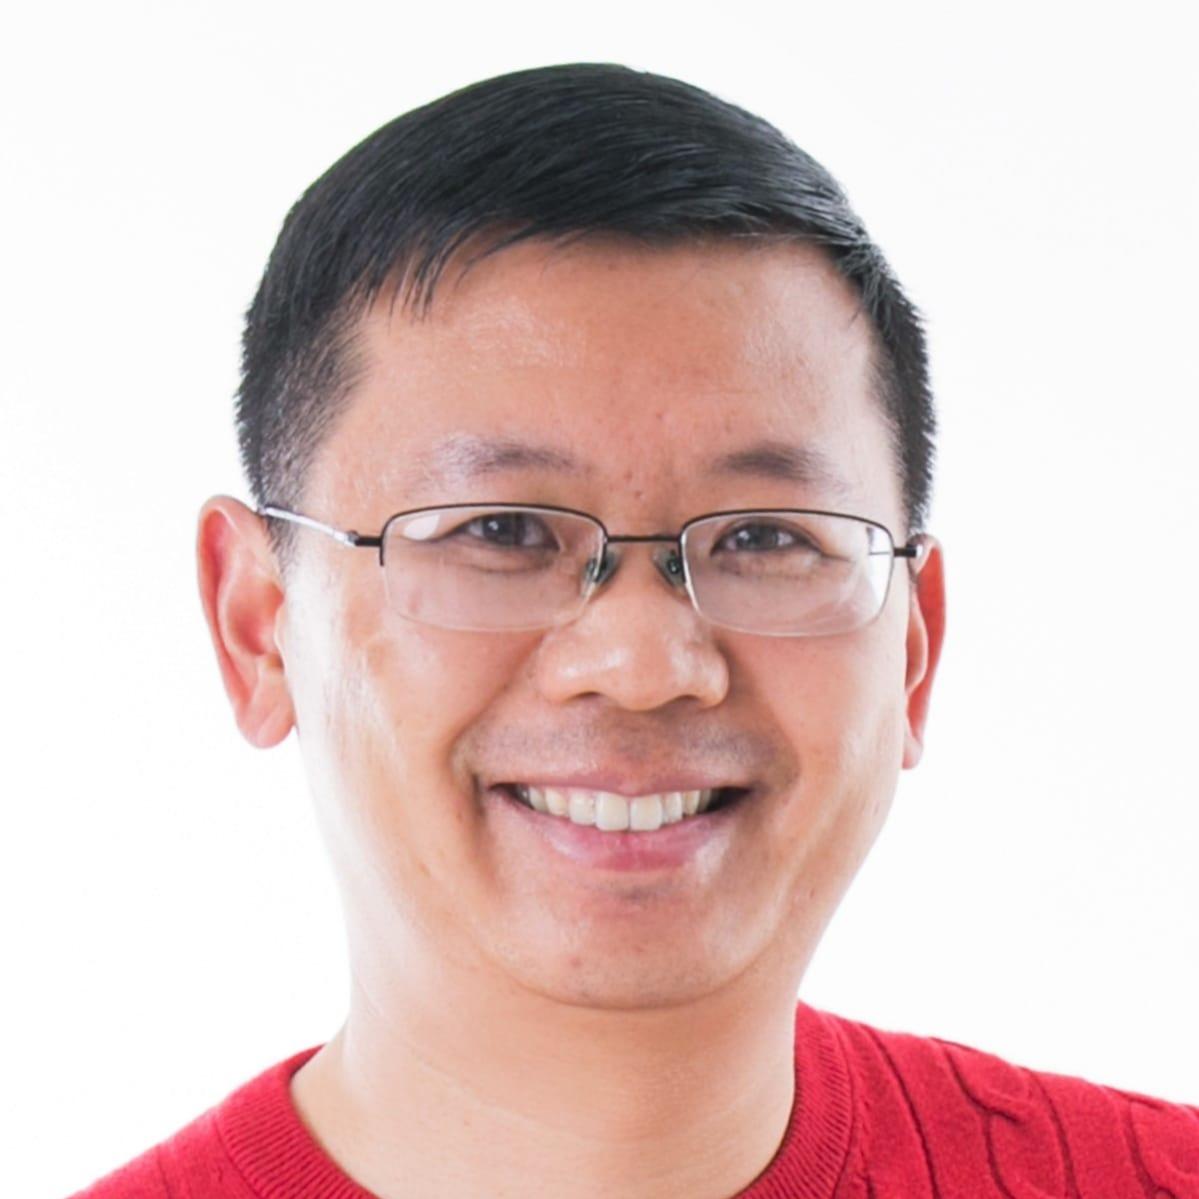 Carson Tam